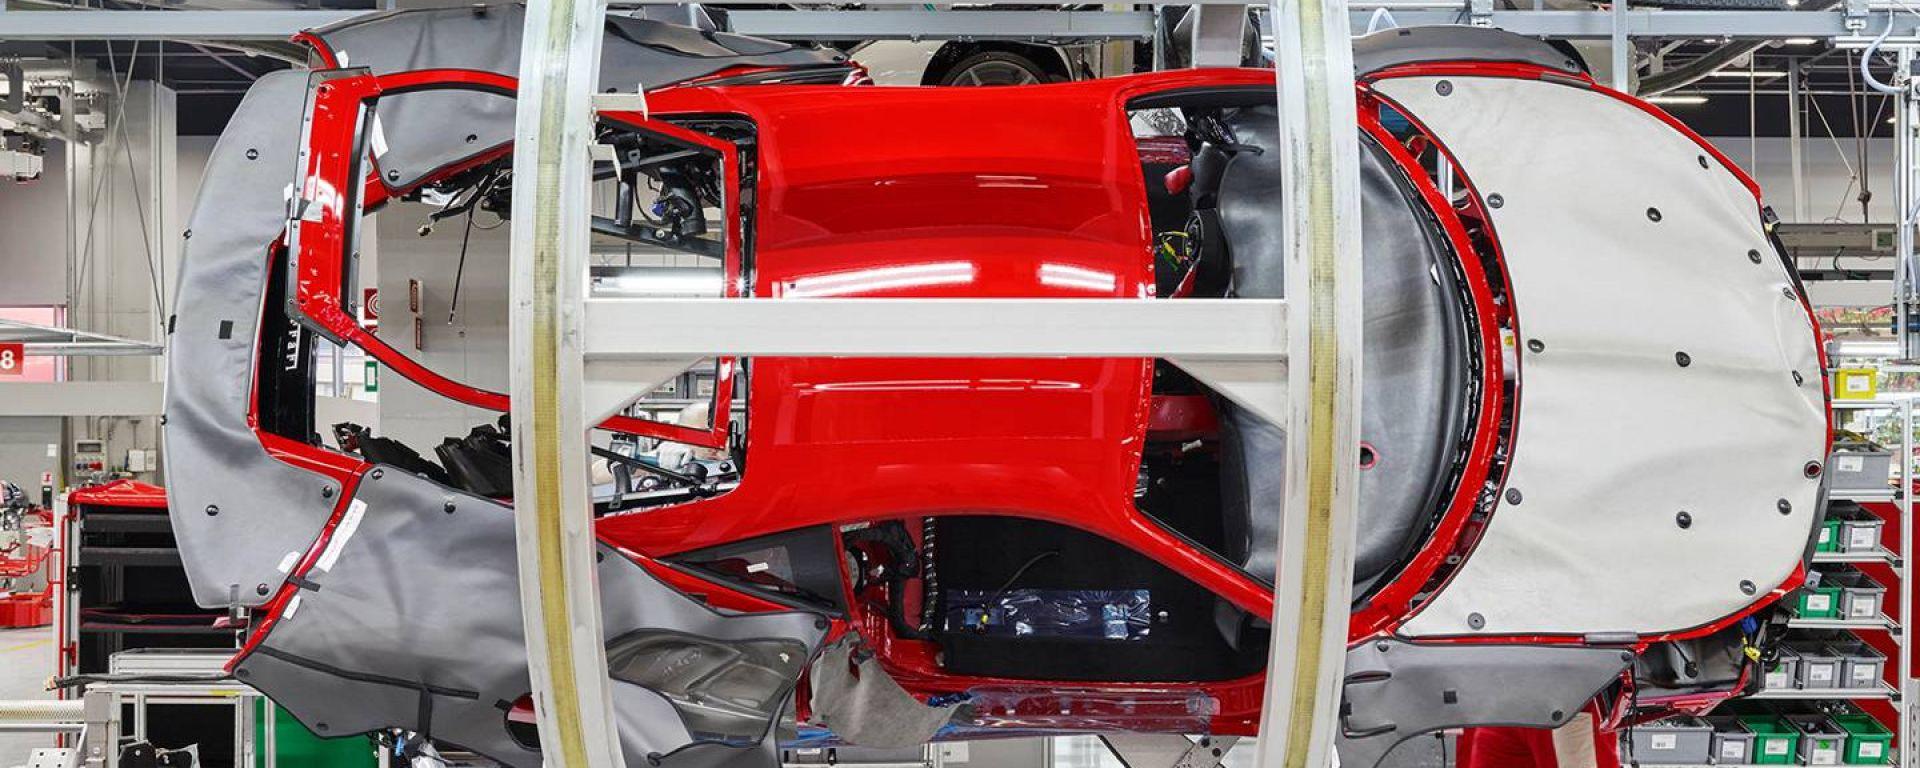 Ferrari: stop alla produzione per due settimane